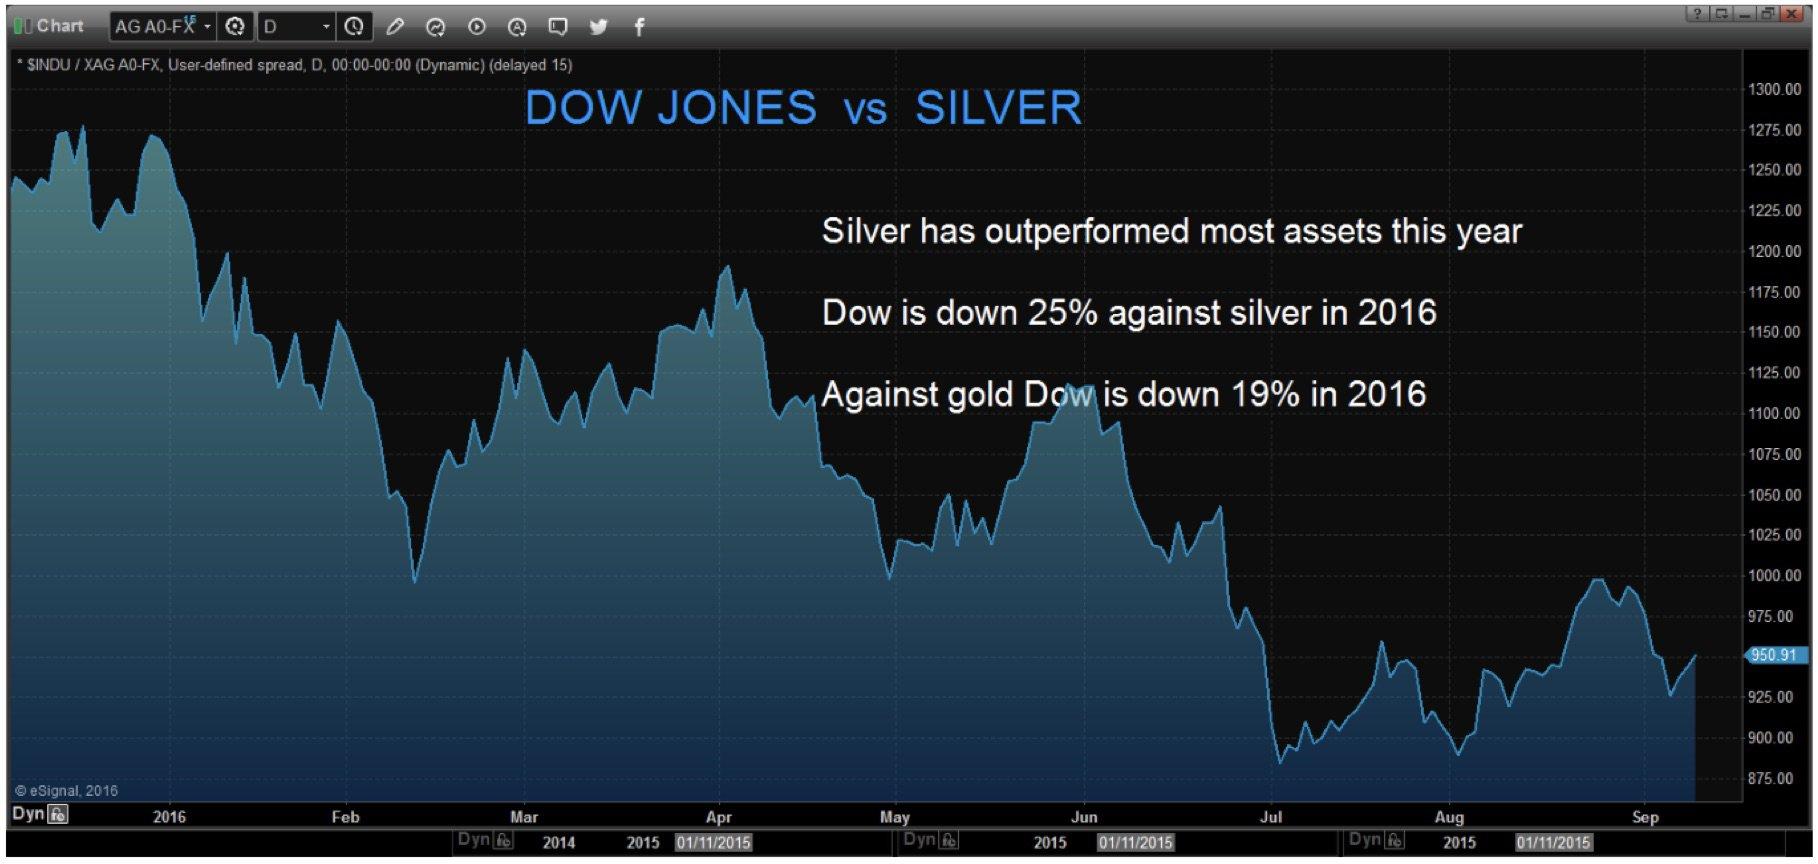 silver-dow-jones